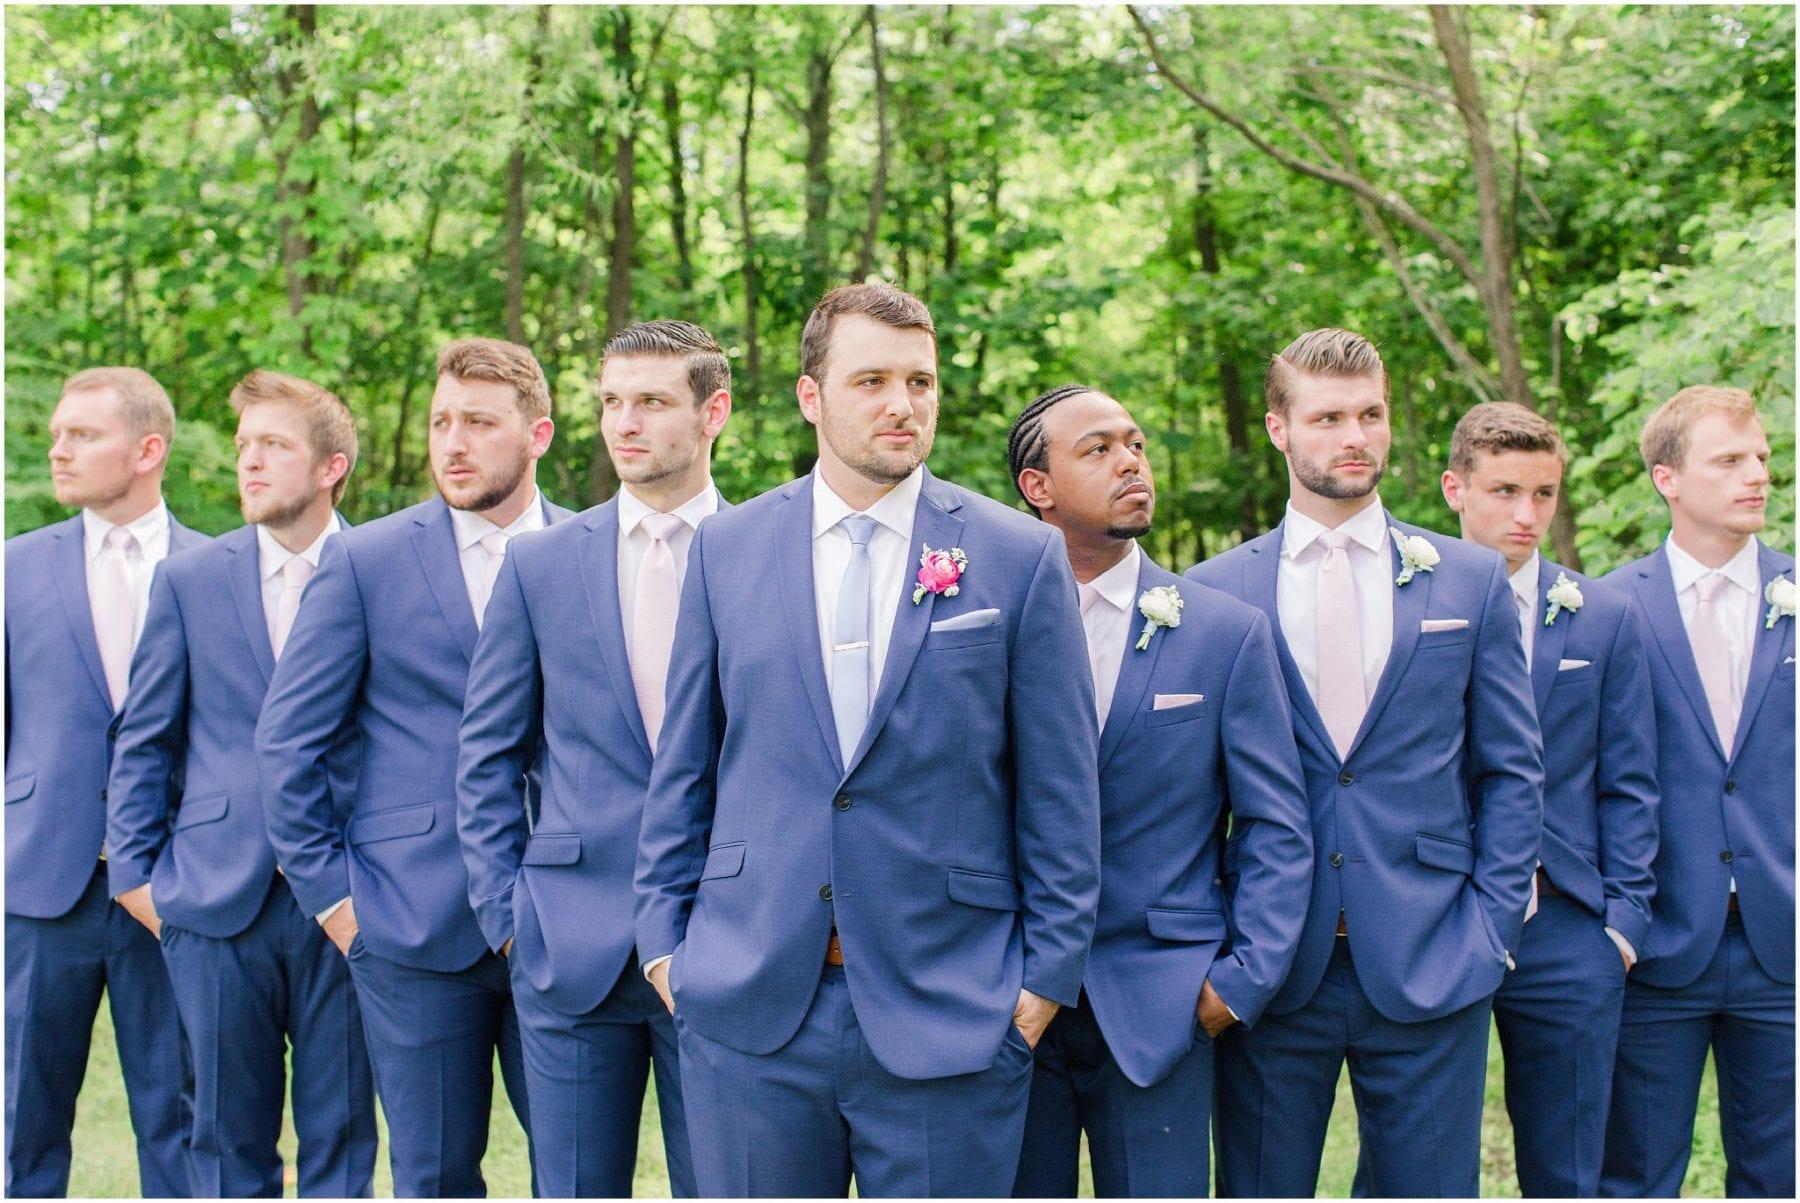 Maryland Backyard Wedding Photos Kelly & Zach Megan Kelsey Photography-167.jpg